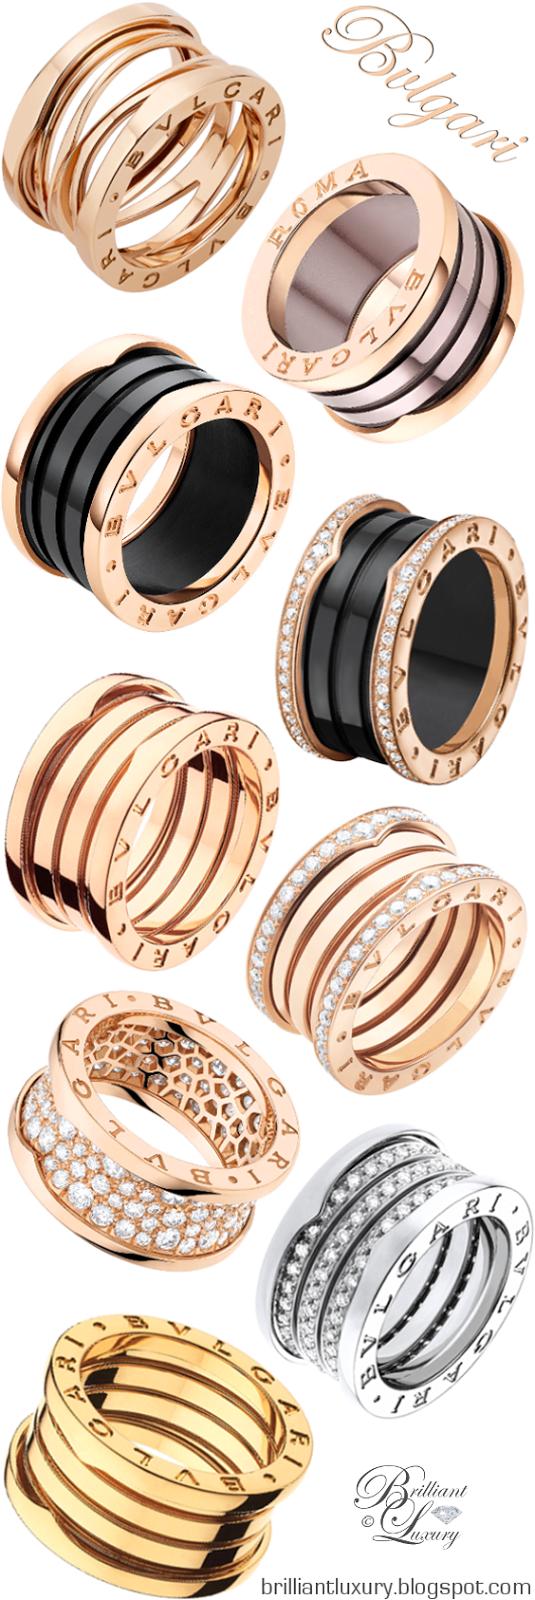 Brilliant Luxury ♦ Bvlgari B.Zero1 Rings UDATED